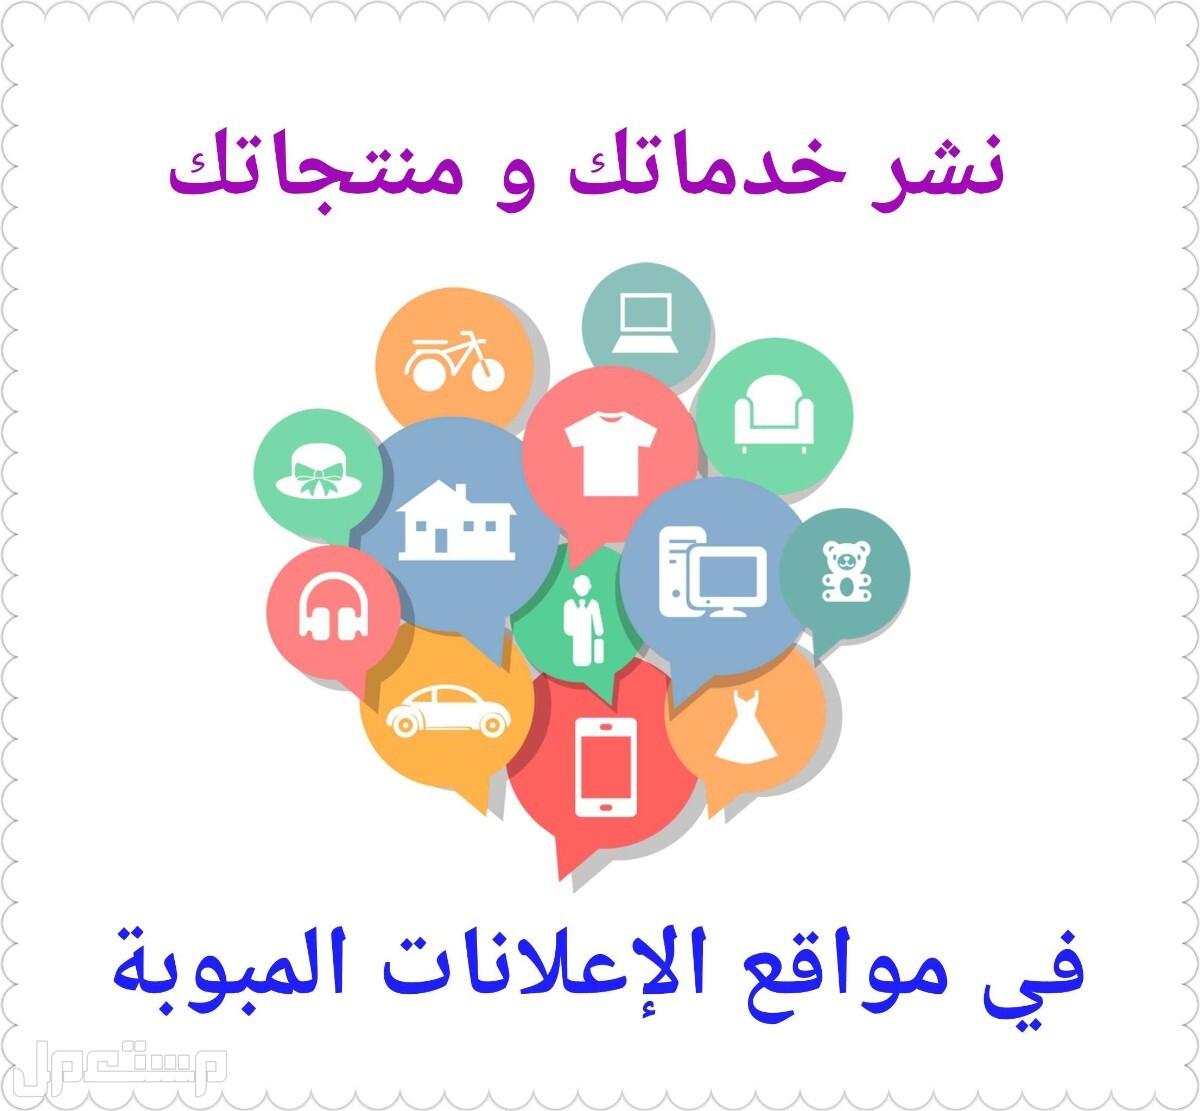 نشر خدماتك و منتجاتك في مواقع الإعلانات المبوبة